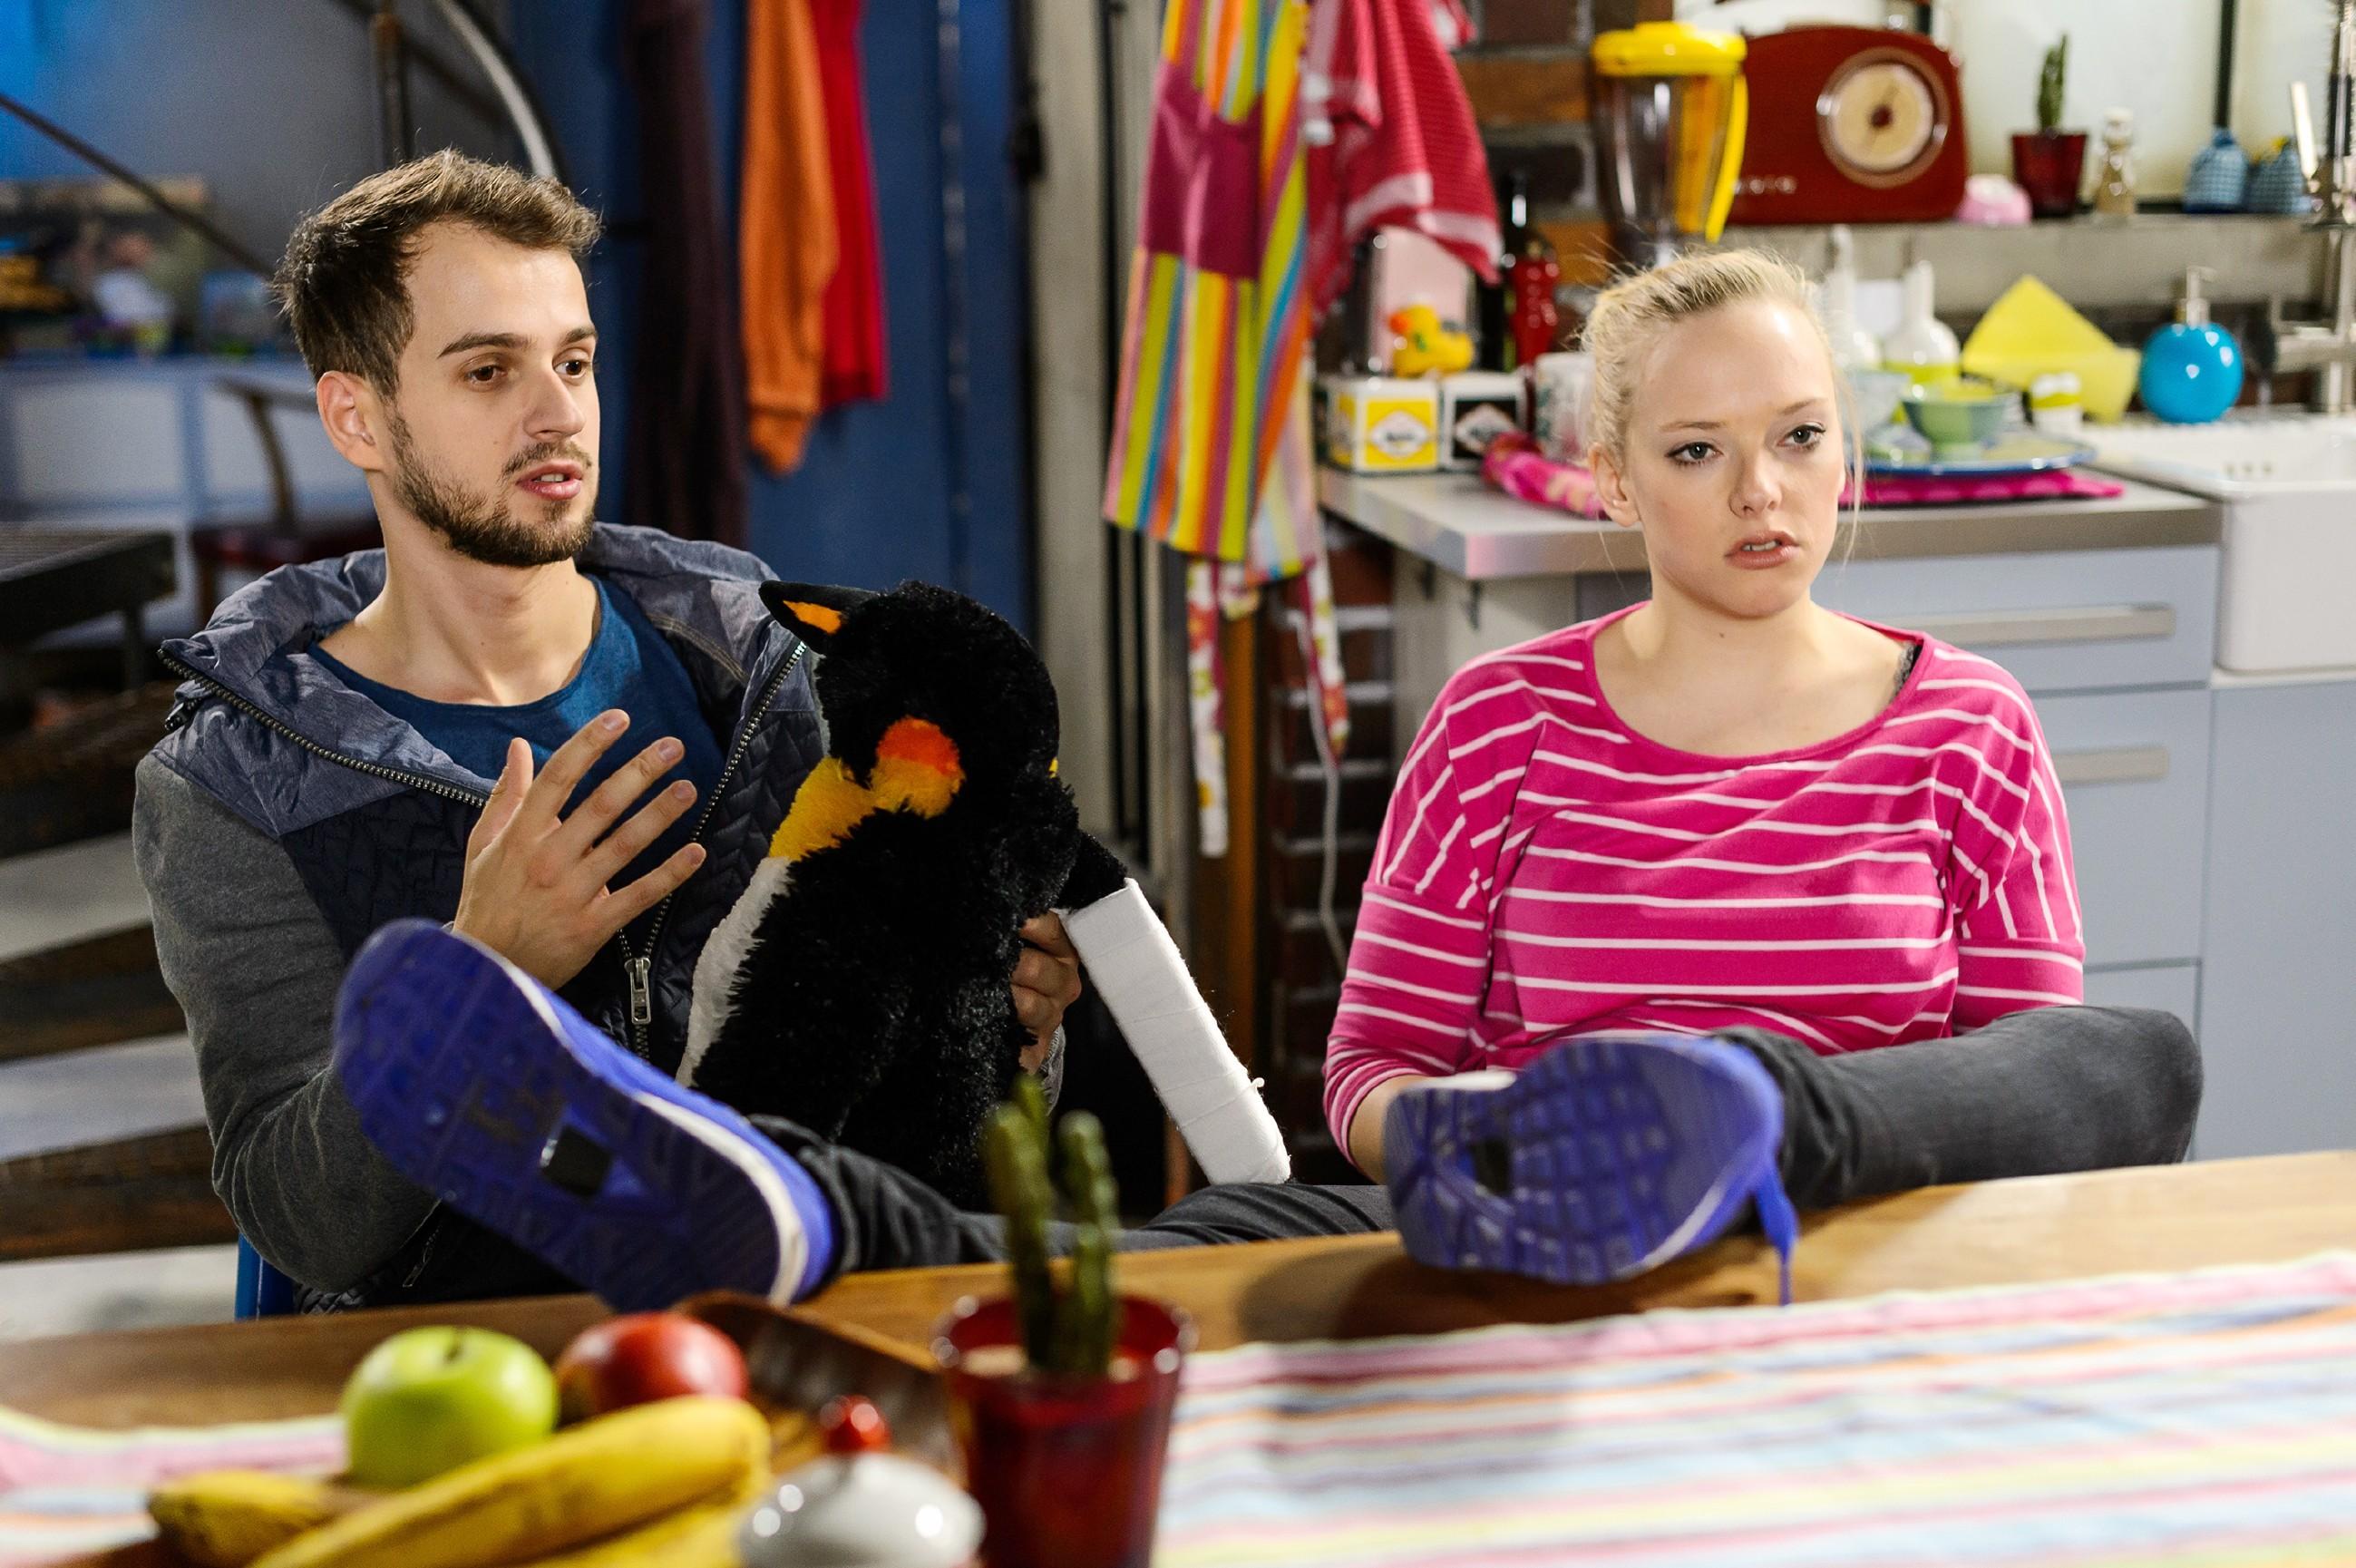 Als Marie (Judith Neumann) sich nach all den Bemühungen fragt, ob ihre Rückenverletzung sie wirklich noch beeinträchtigt, versucht Tobi (Michael Jassin) sie aufzumuntern. (Quelle: RTL / Willi Weber)